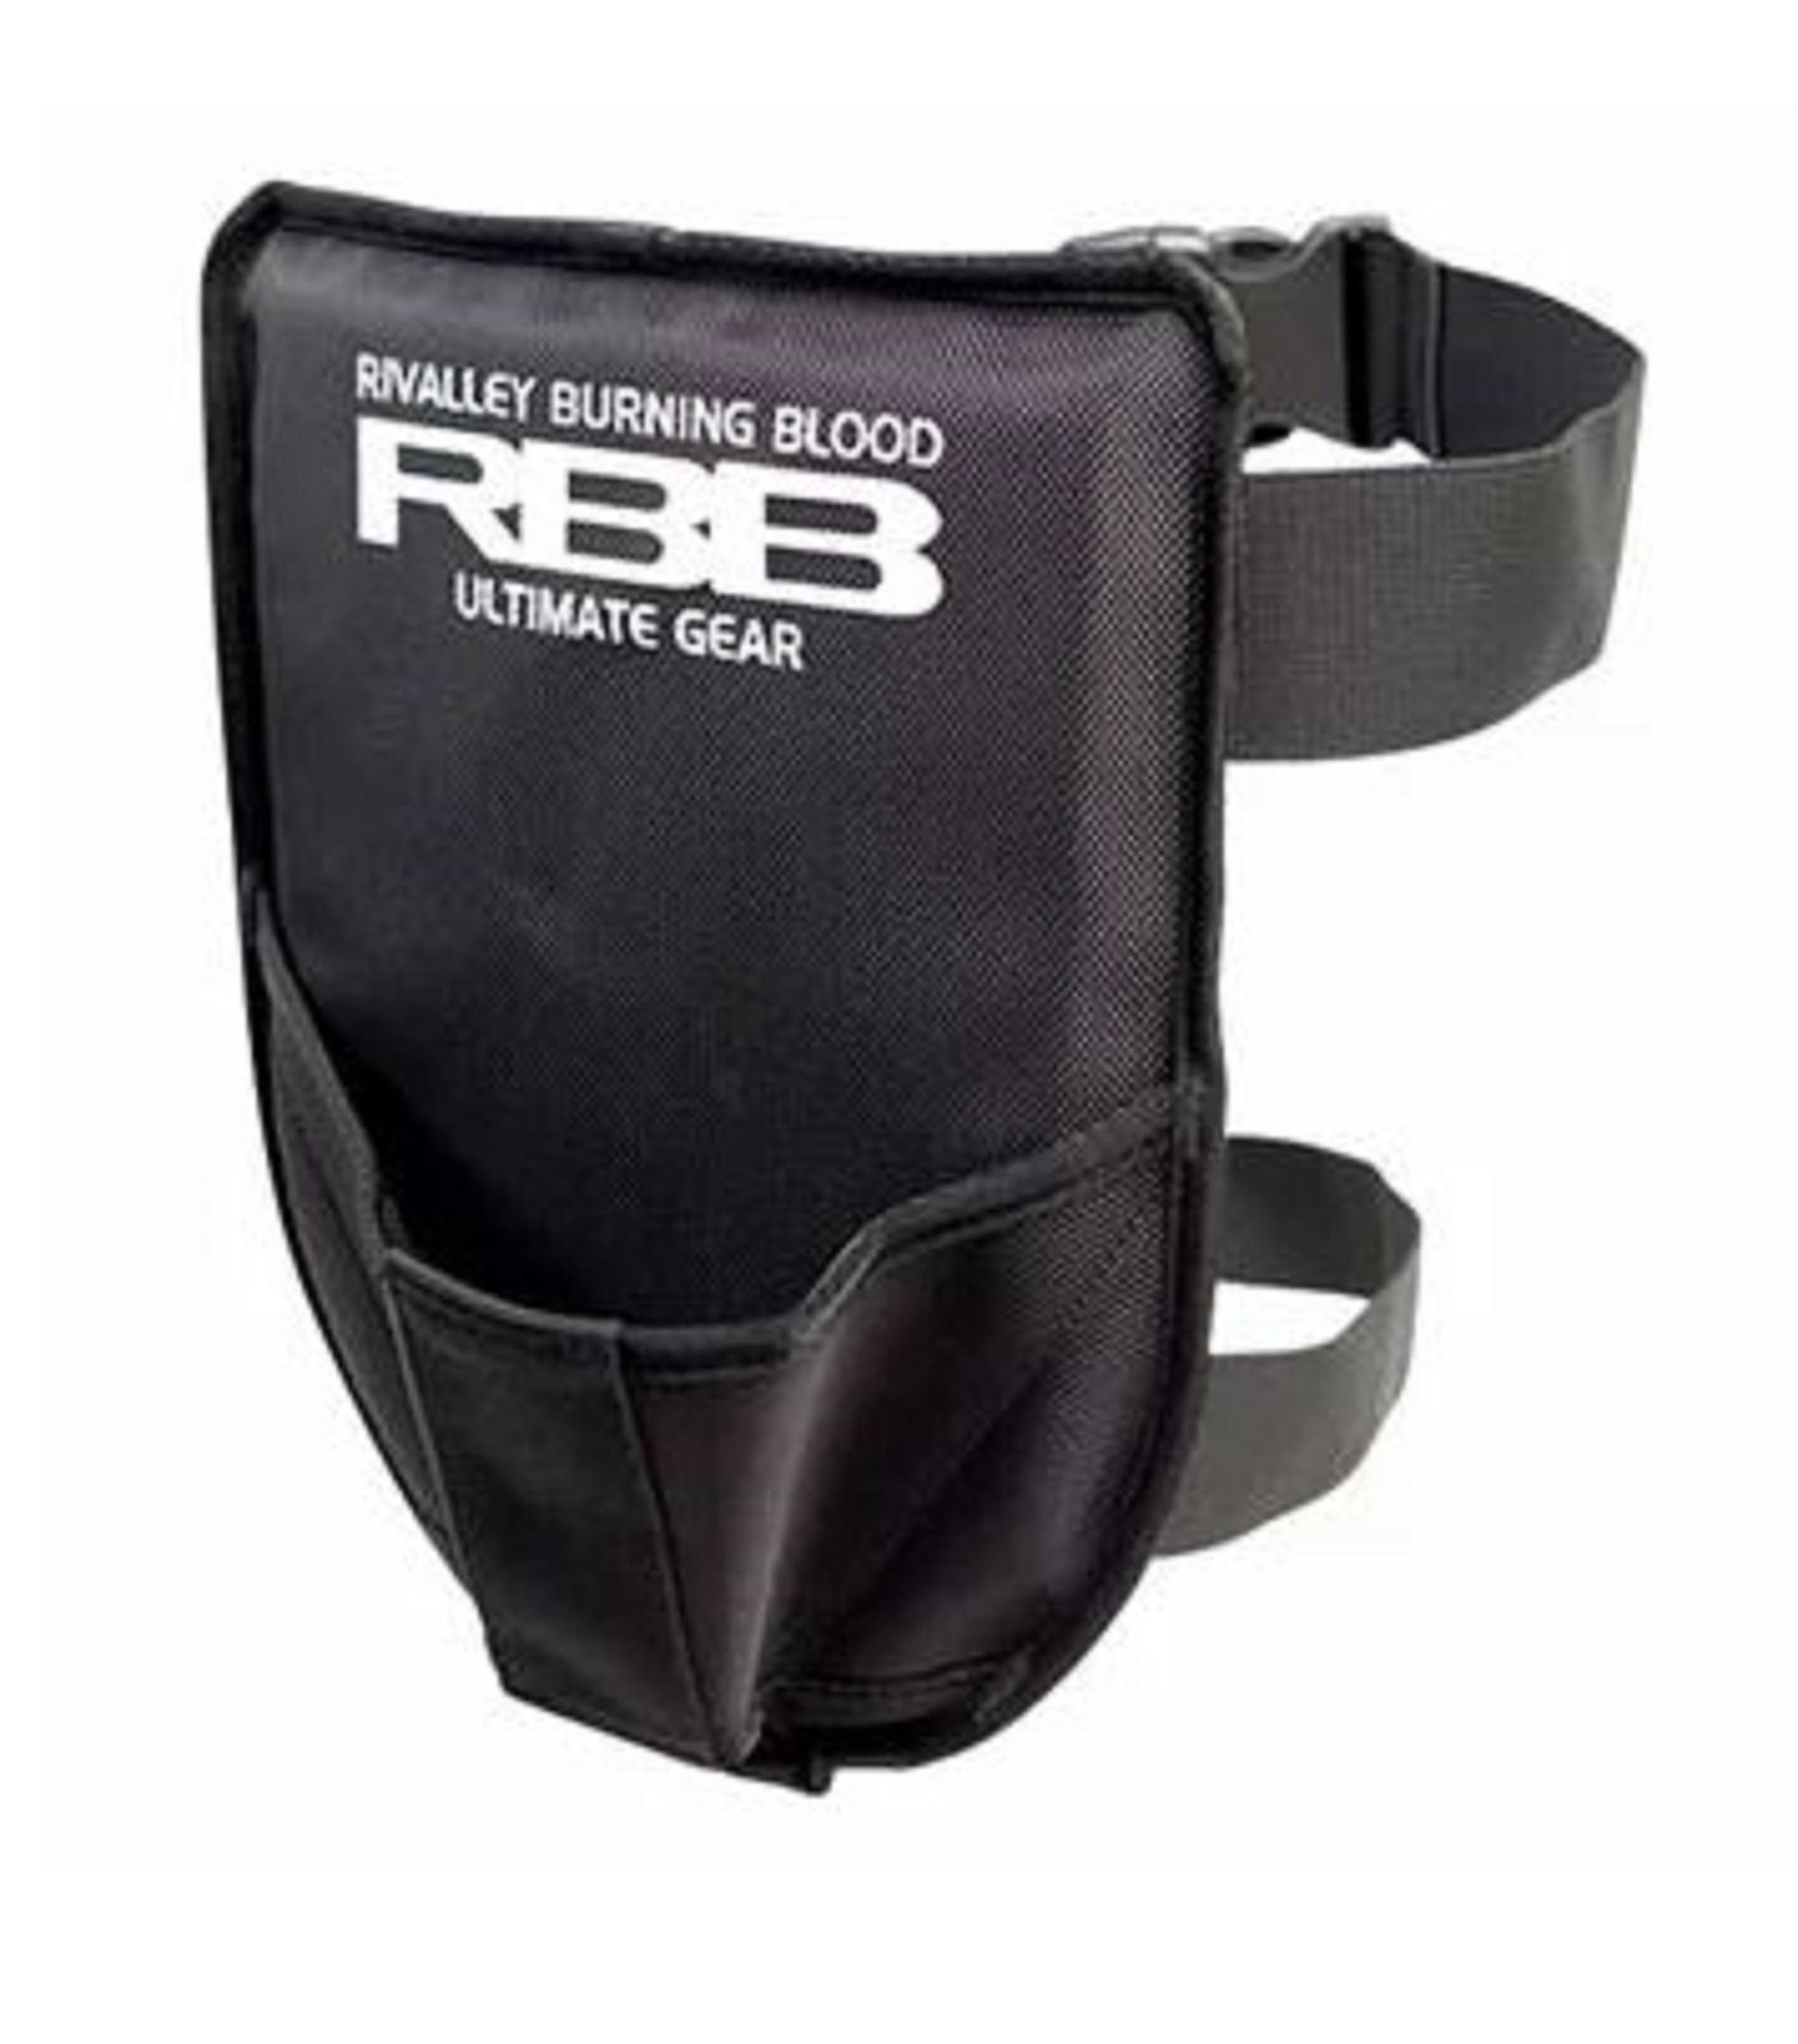 RBB Ultimate Gear Fighting Pad 220 x 300 mm Black (0303)